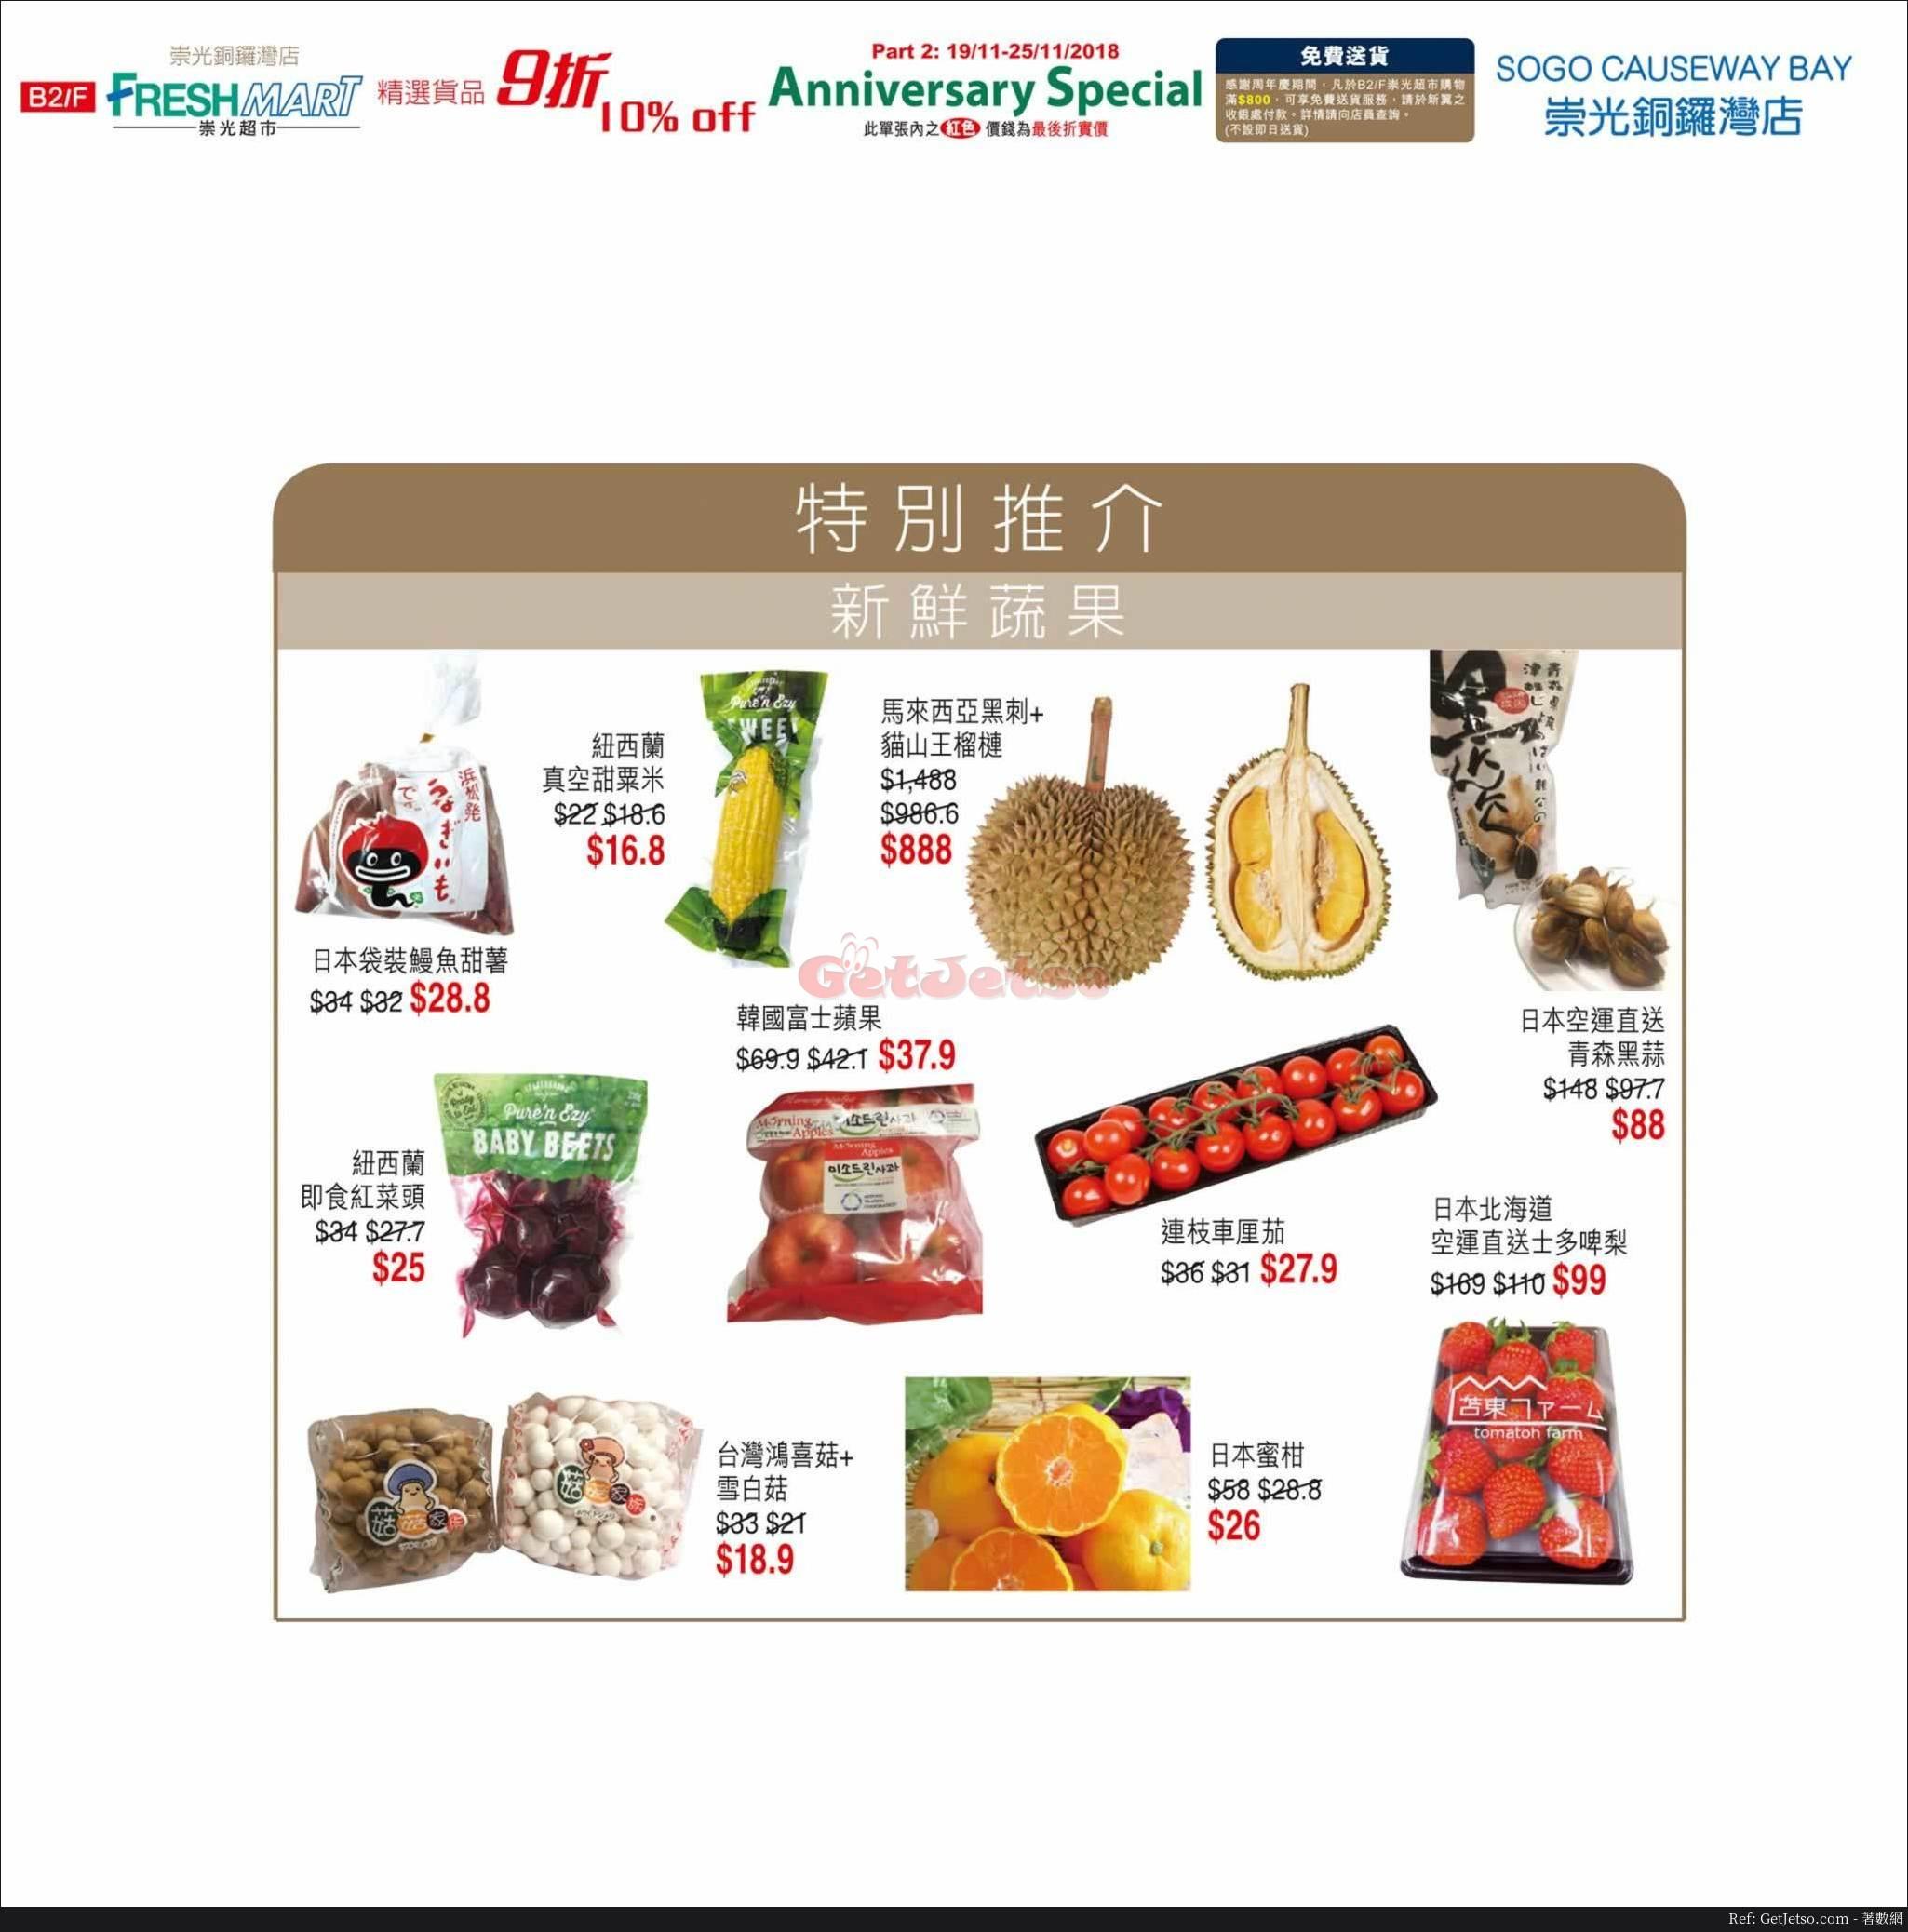 銅鑼灣崇光百貨SOGO感謝周年慶購物優惠Part2 (18年11月19-25日)